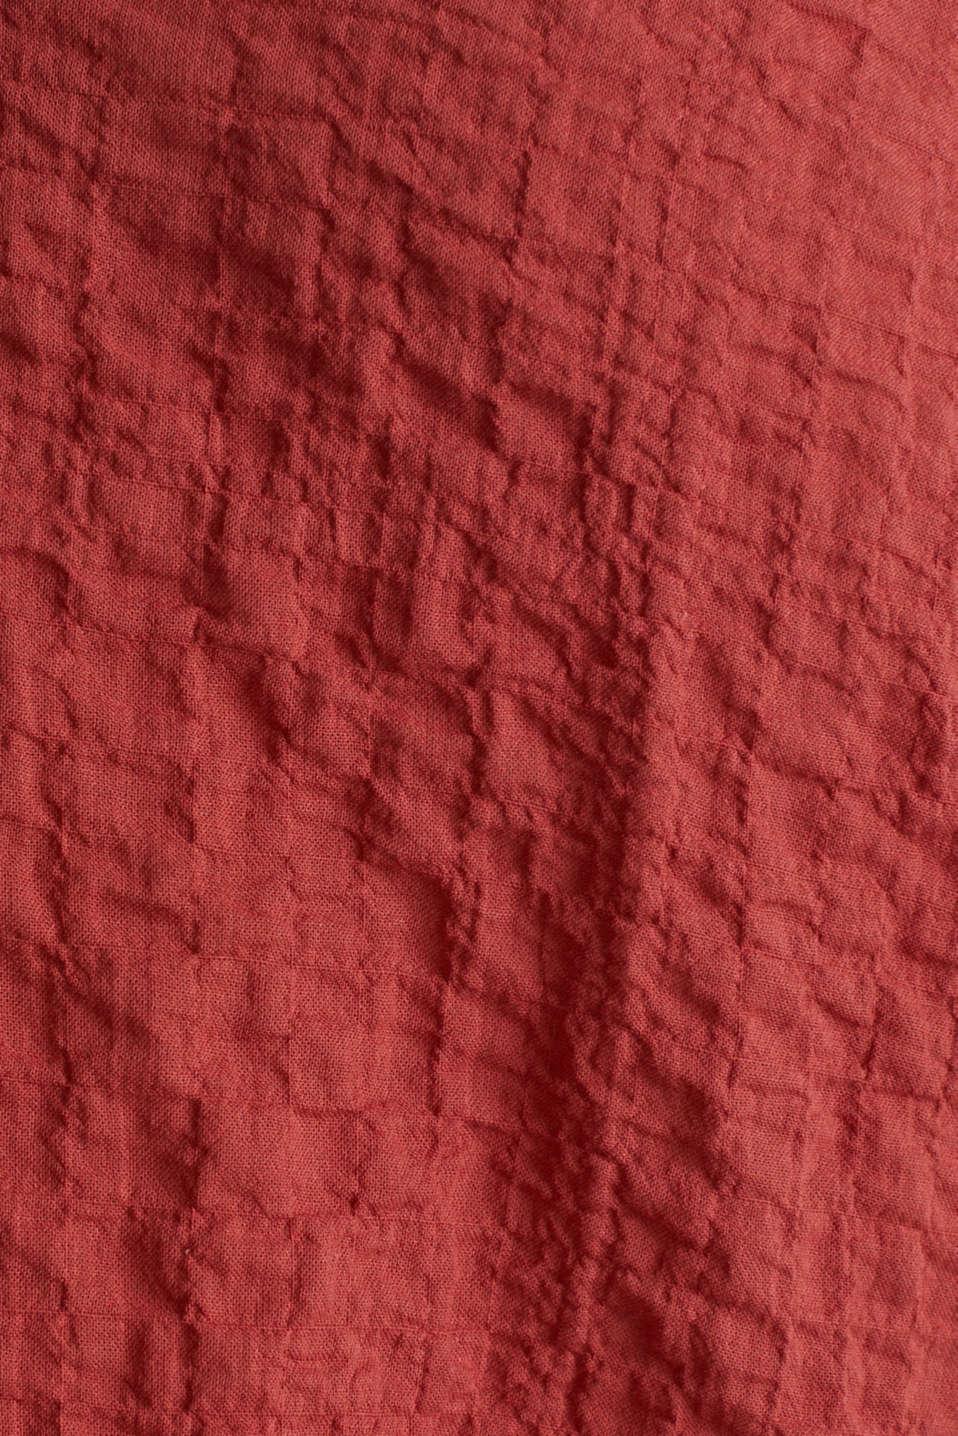 Semi-sheer seersucker blouse, DARK RED, detail image number 4